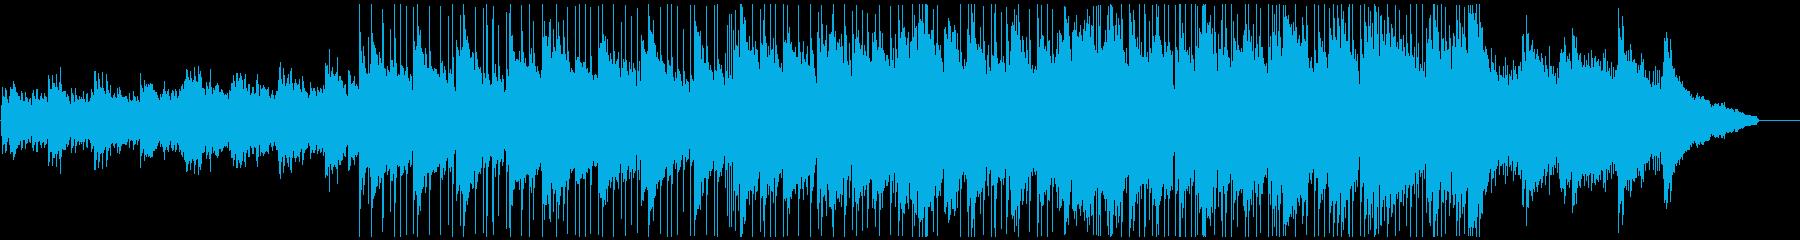 オーガニックでゆったりシティコーポレートの再生済みの波形